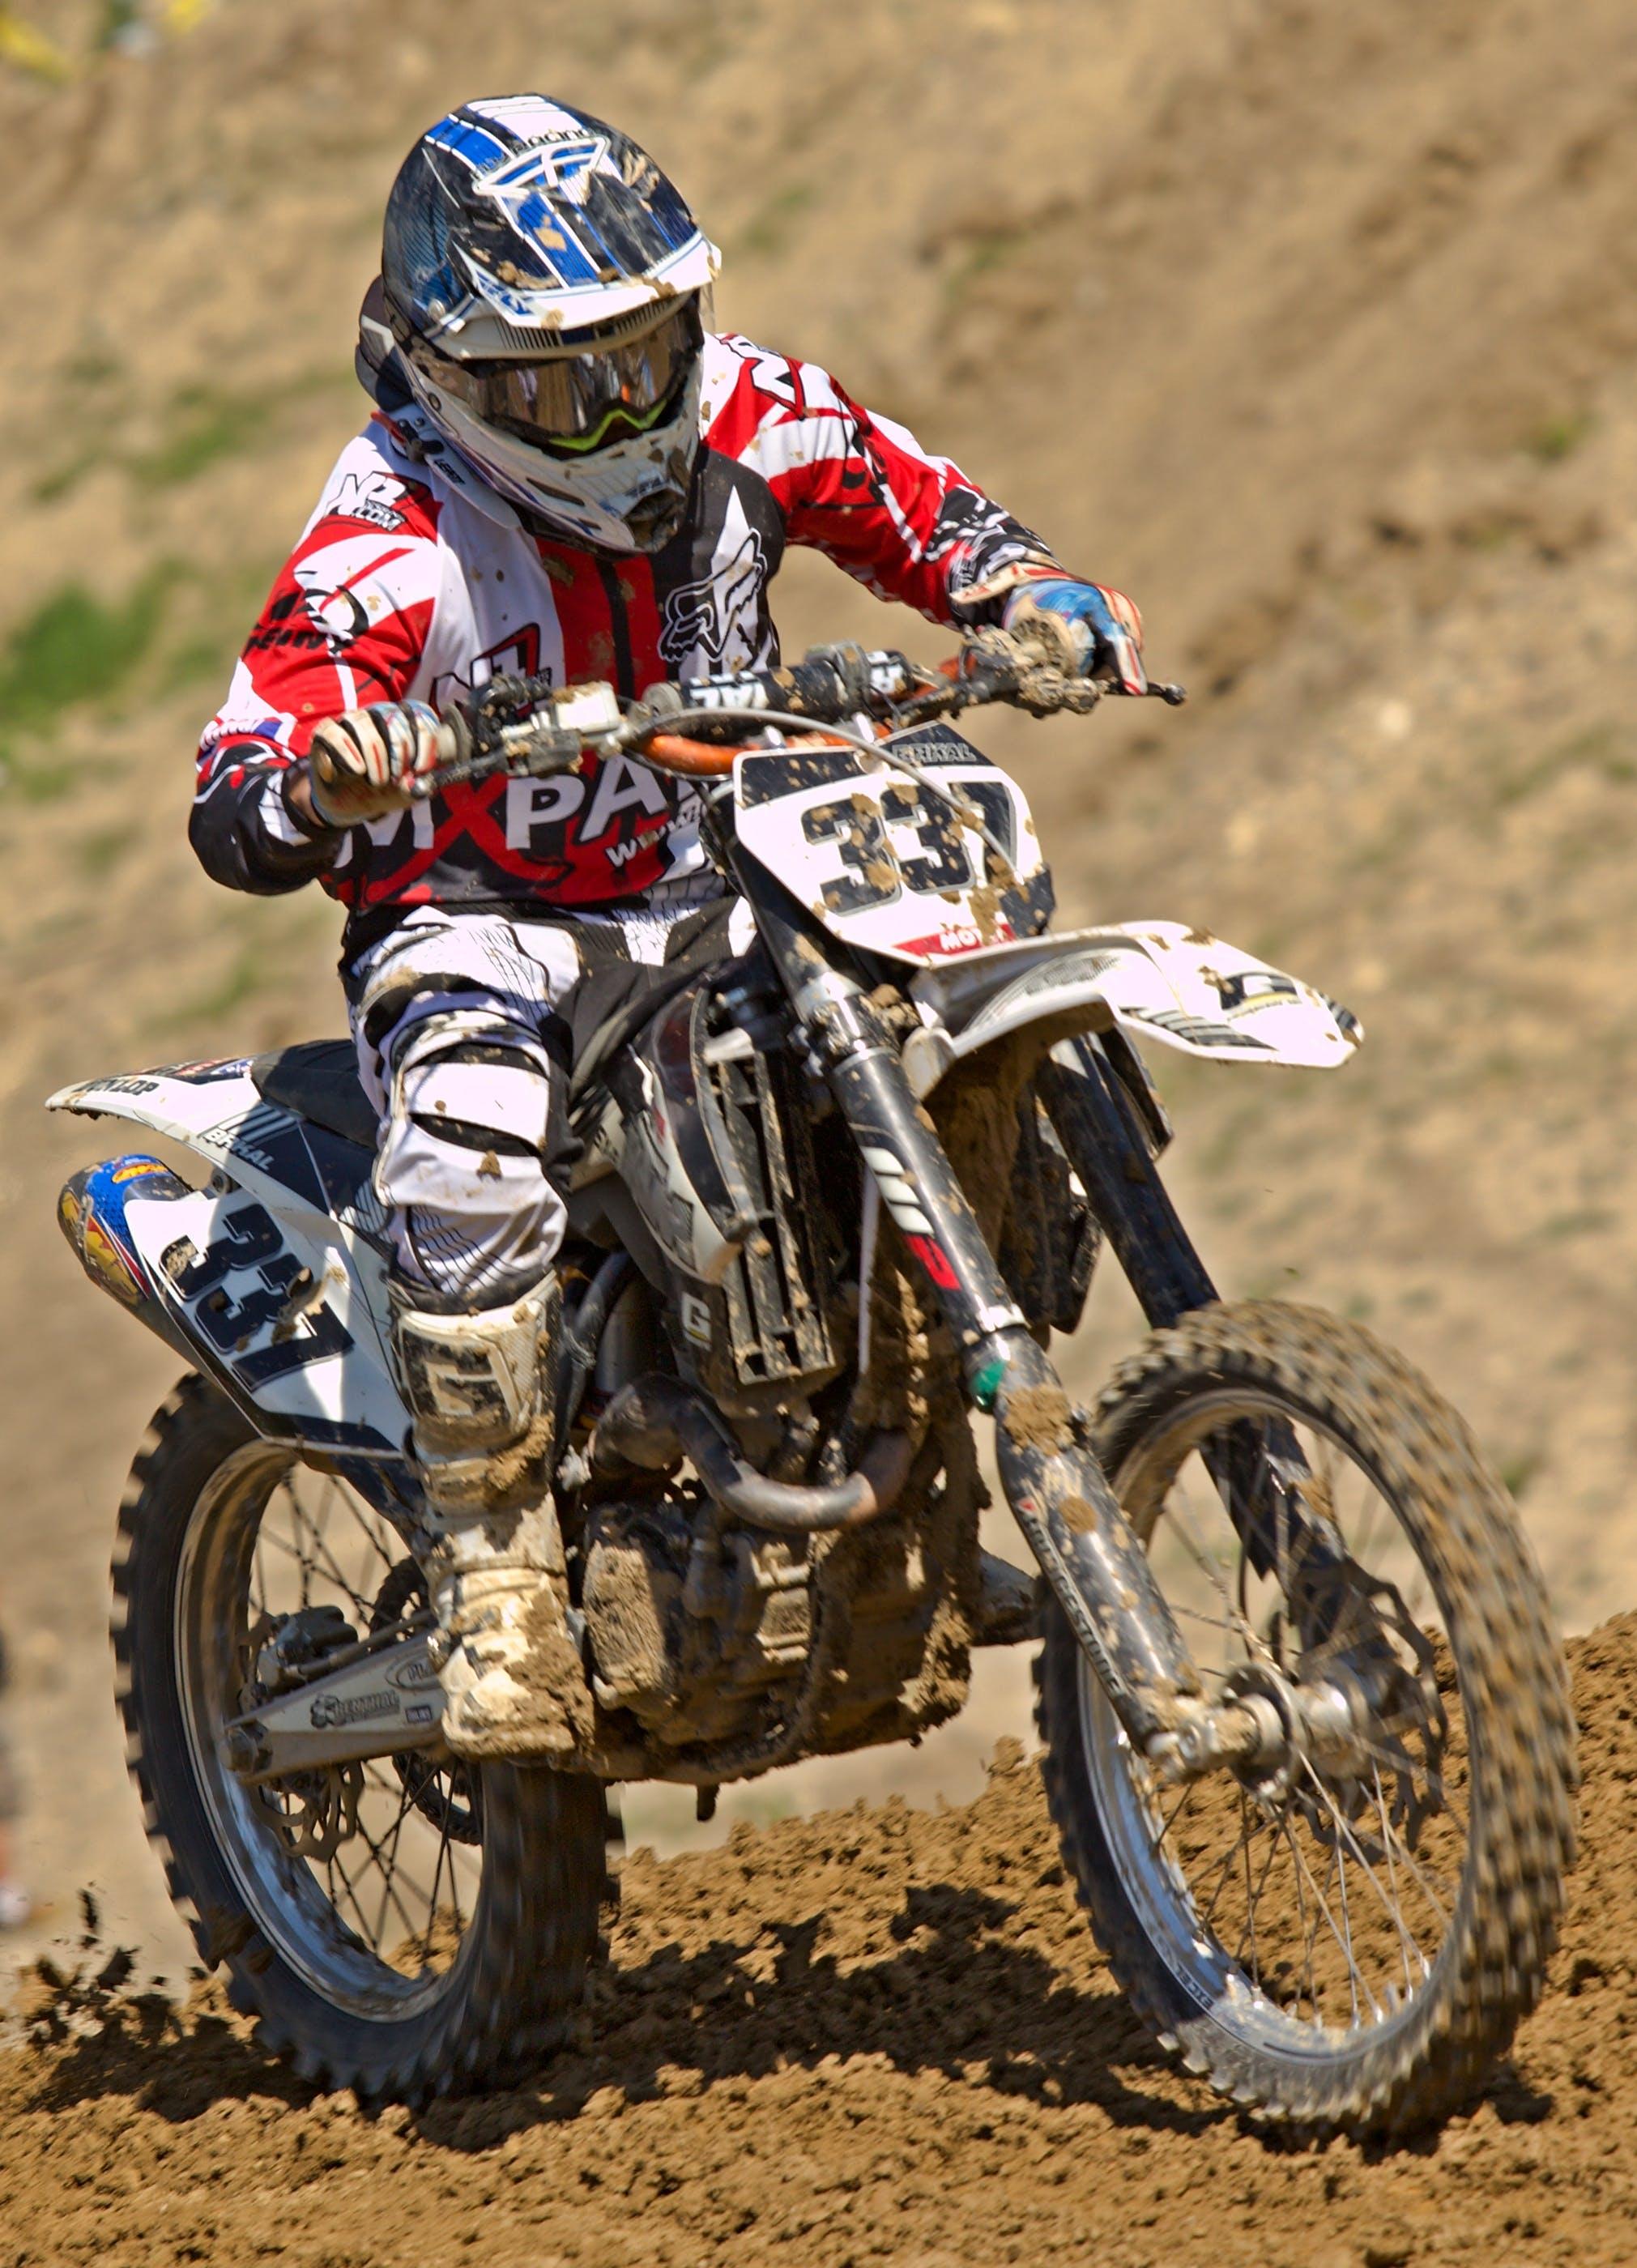 Gratis lagerfoto af hjelm, jord, kapløb, motocross